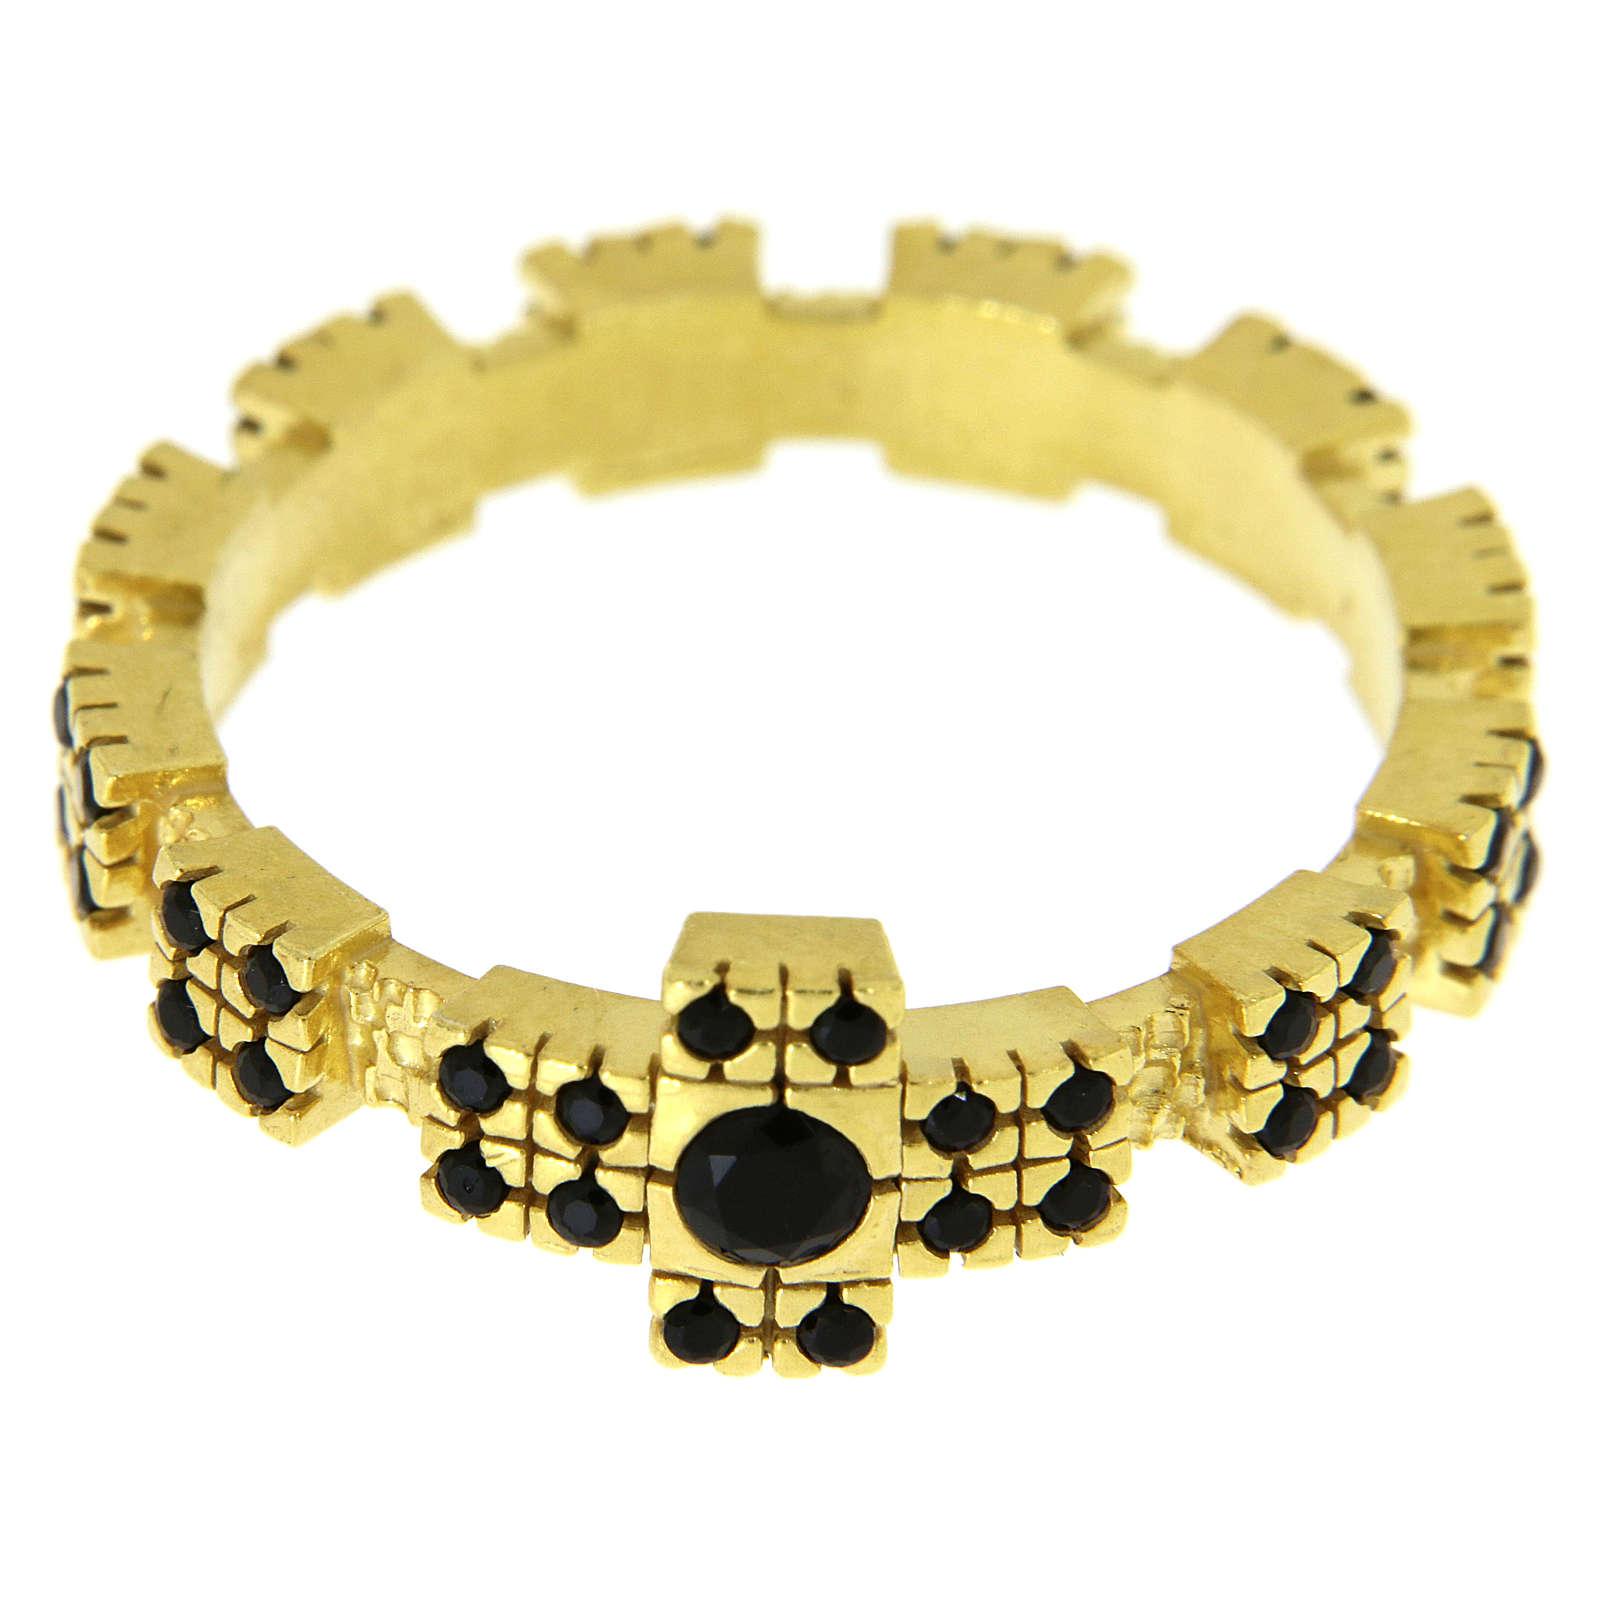 Anello in argento 925 dorato con zirconi neri 3